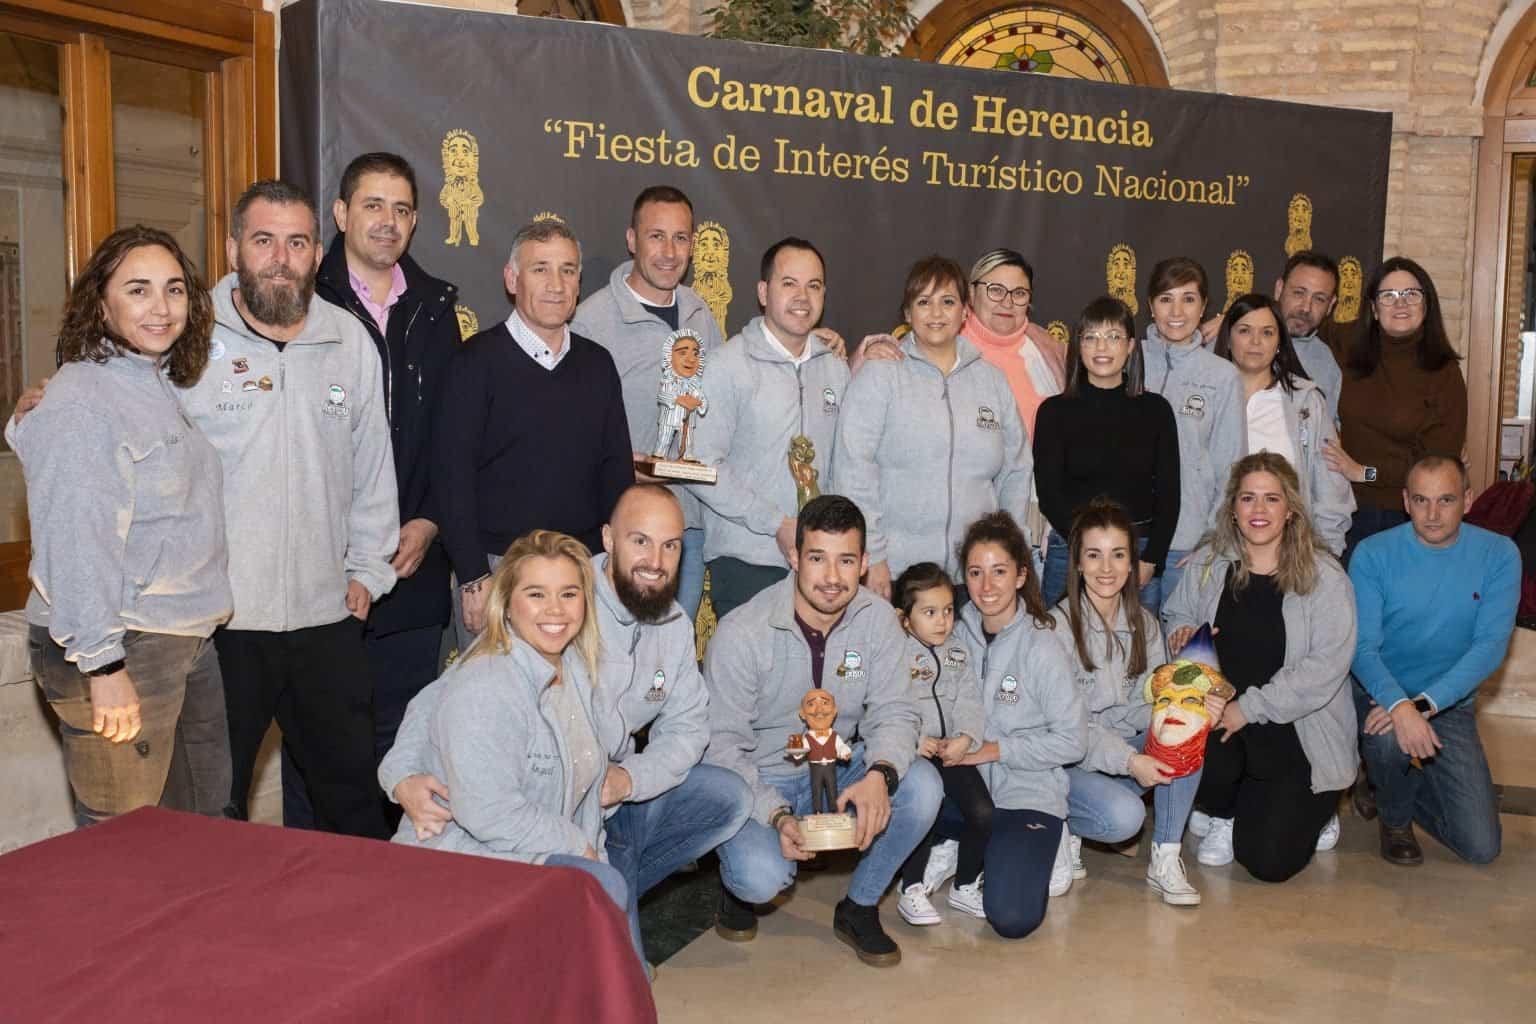 DSC6398 1536x1024 1 - El Ayuntamiento recibe a la asociación cultural Axonsou tras ganar el Arlequín de Oro